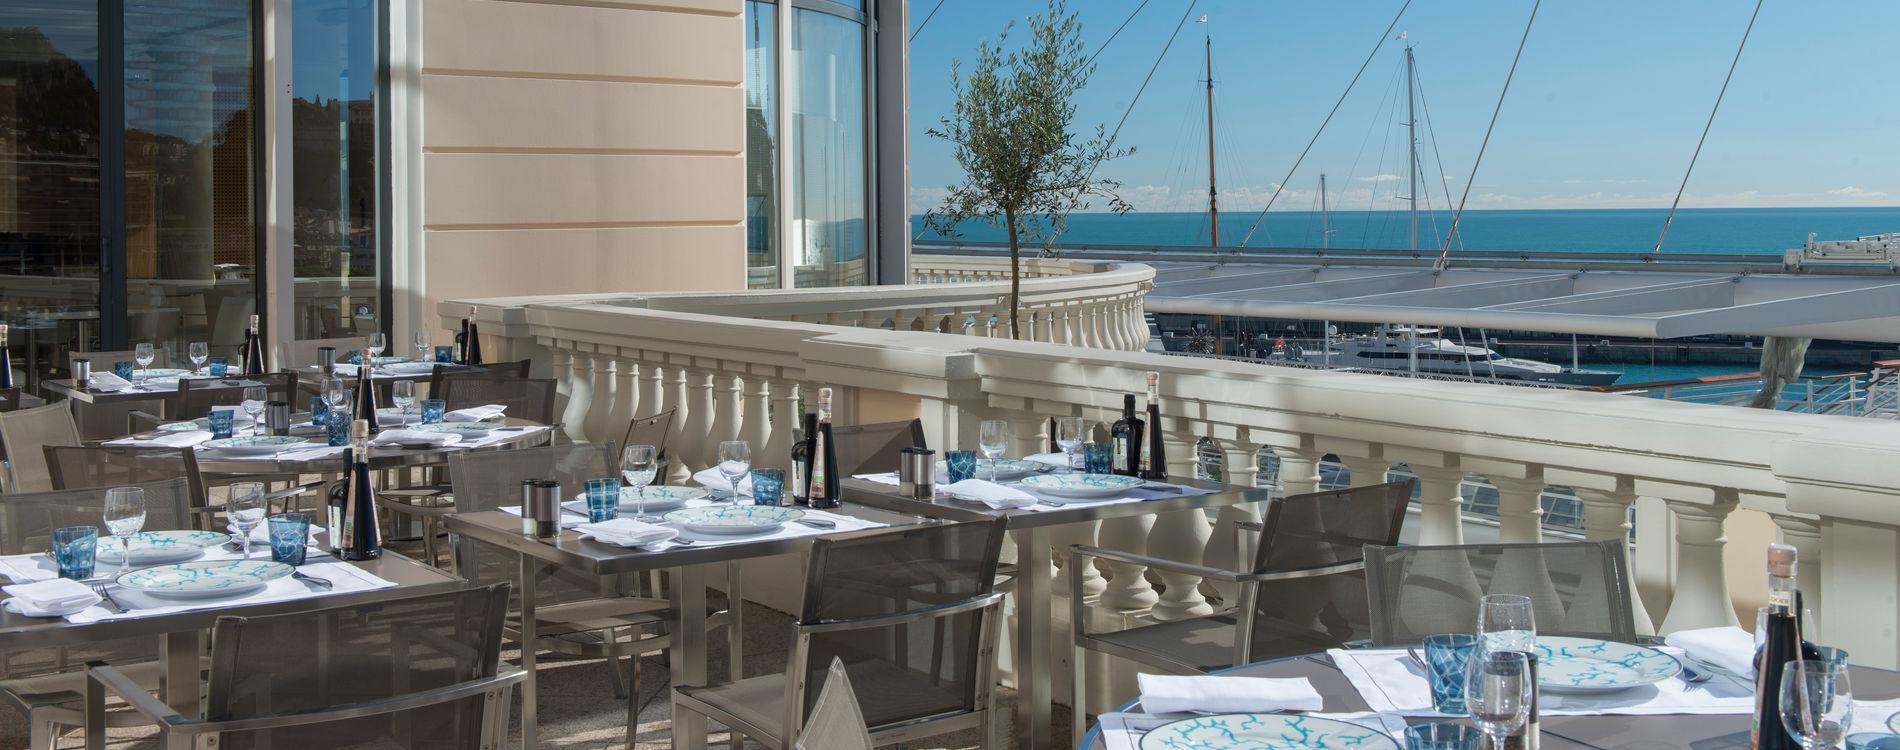 Salle De Bain Chocolat Turquoise l'hirondelle and its terrace in monaco | monte-carlo société